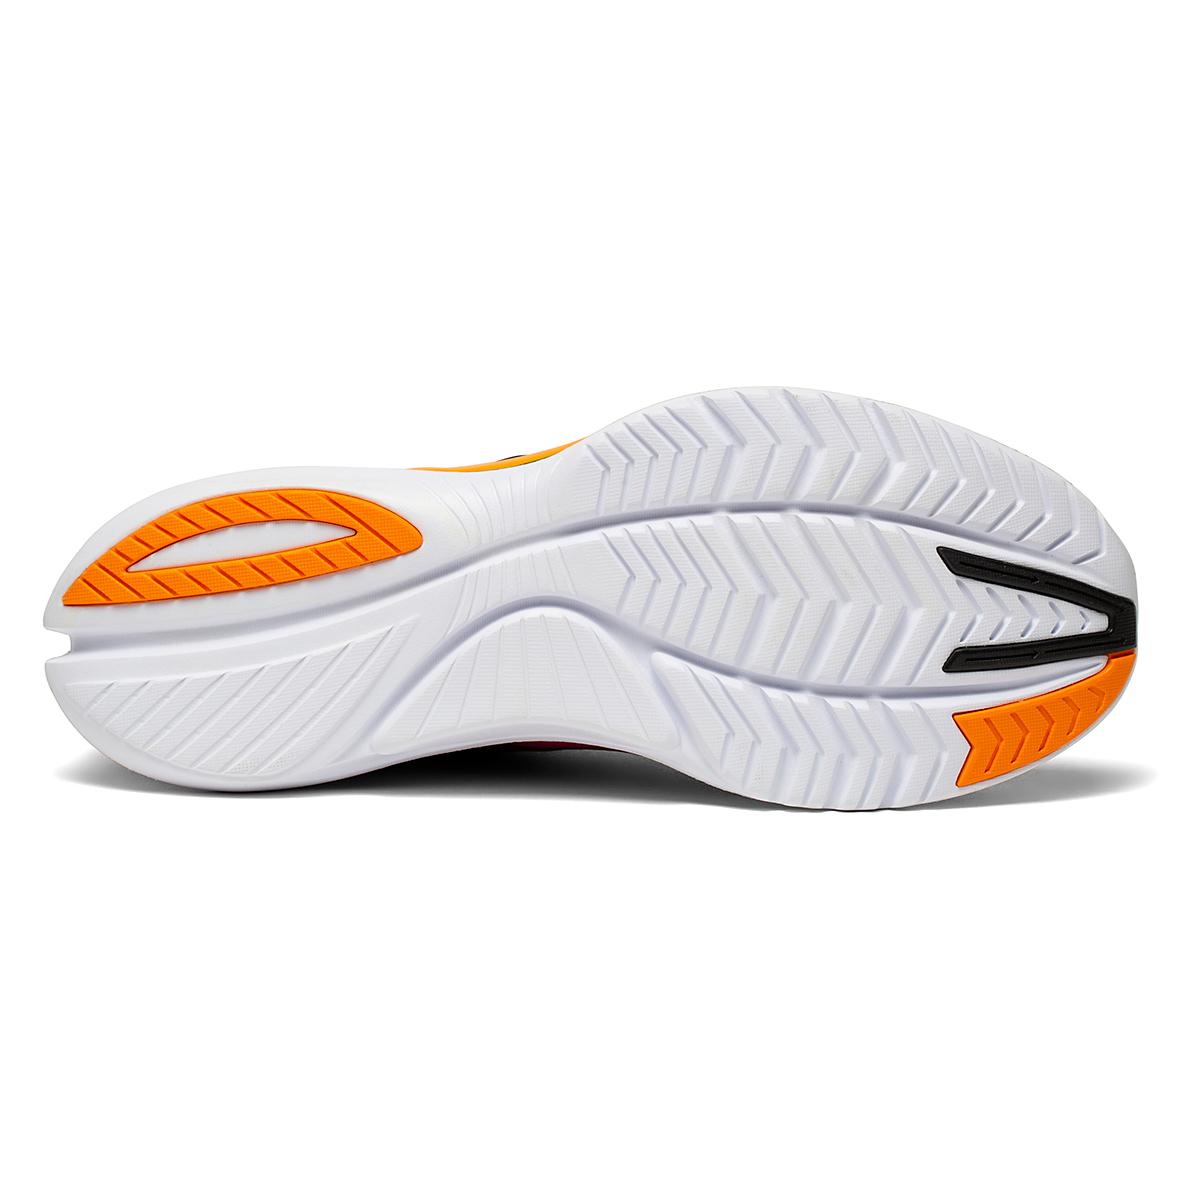 Men's Saucony Kinvara 12 Running Shoe - Color: Sunset - Size: 7 - Width: Regular, Sunset, large, image 4